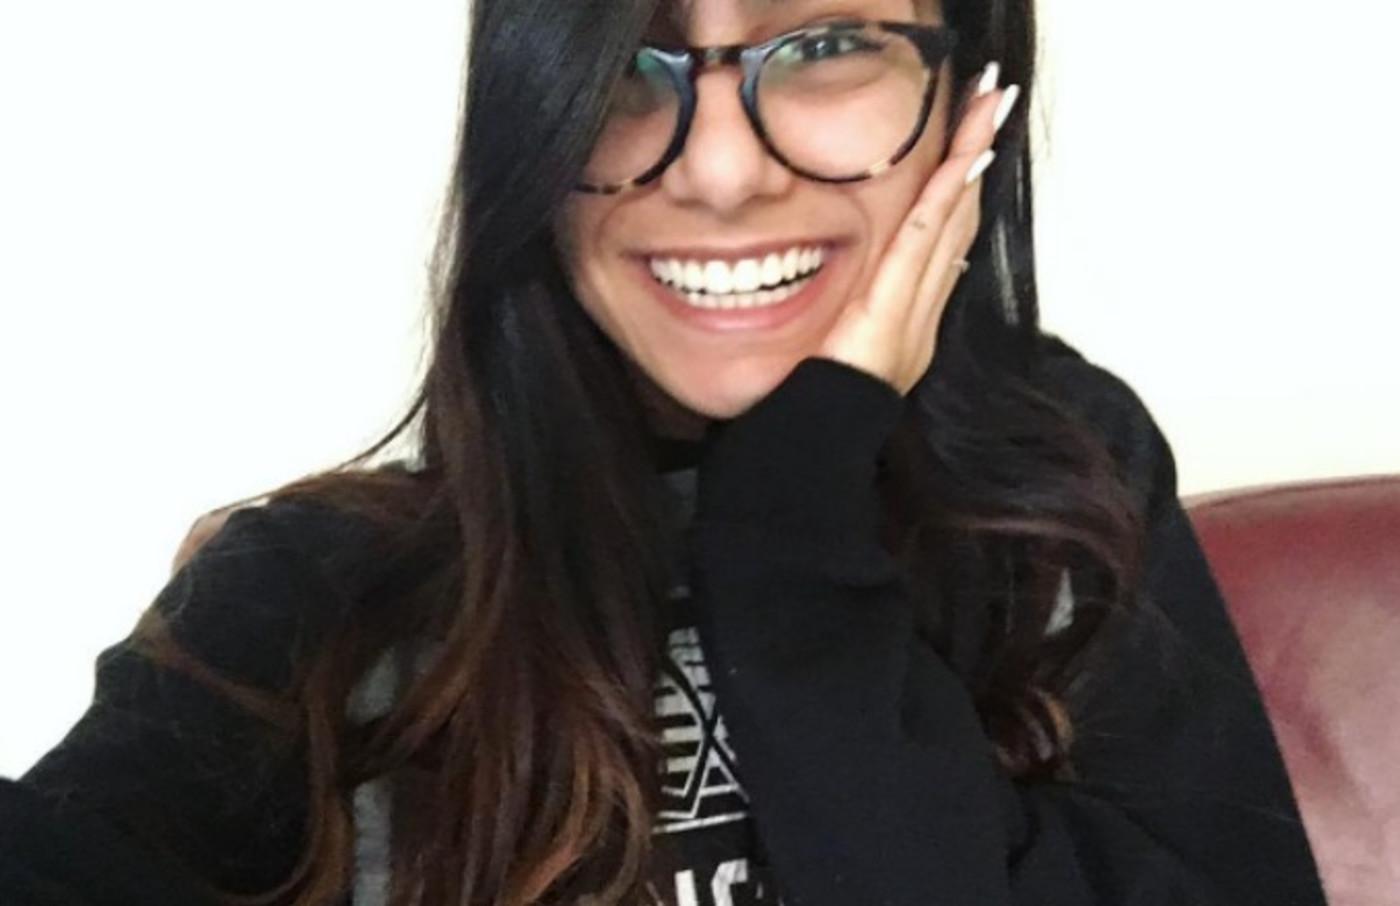 Mia Khalifas Snapchat photo 12